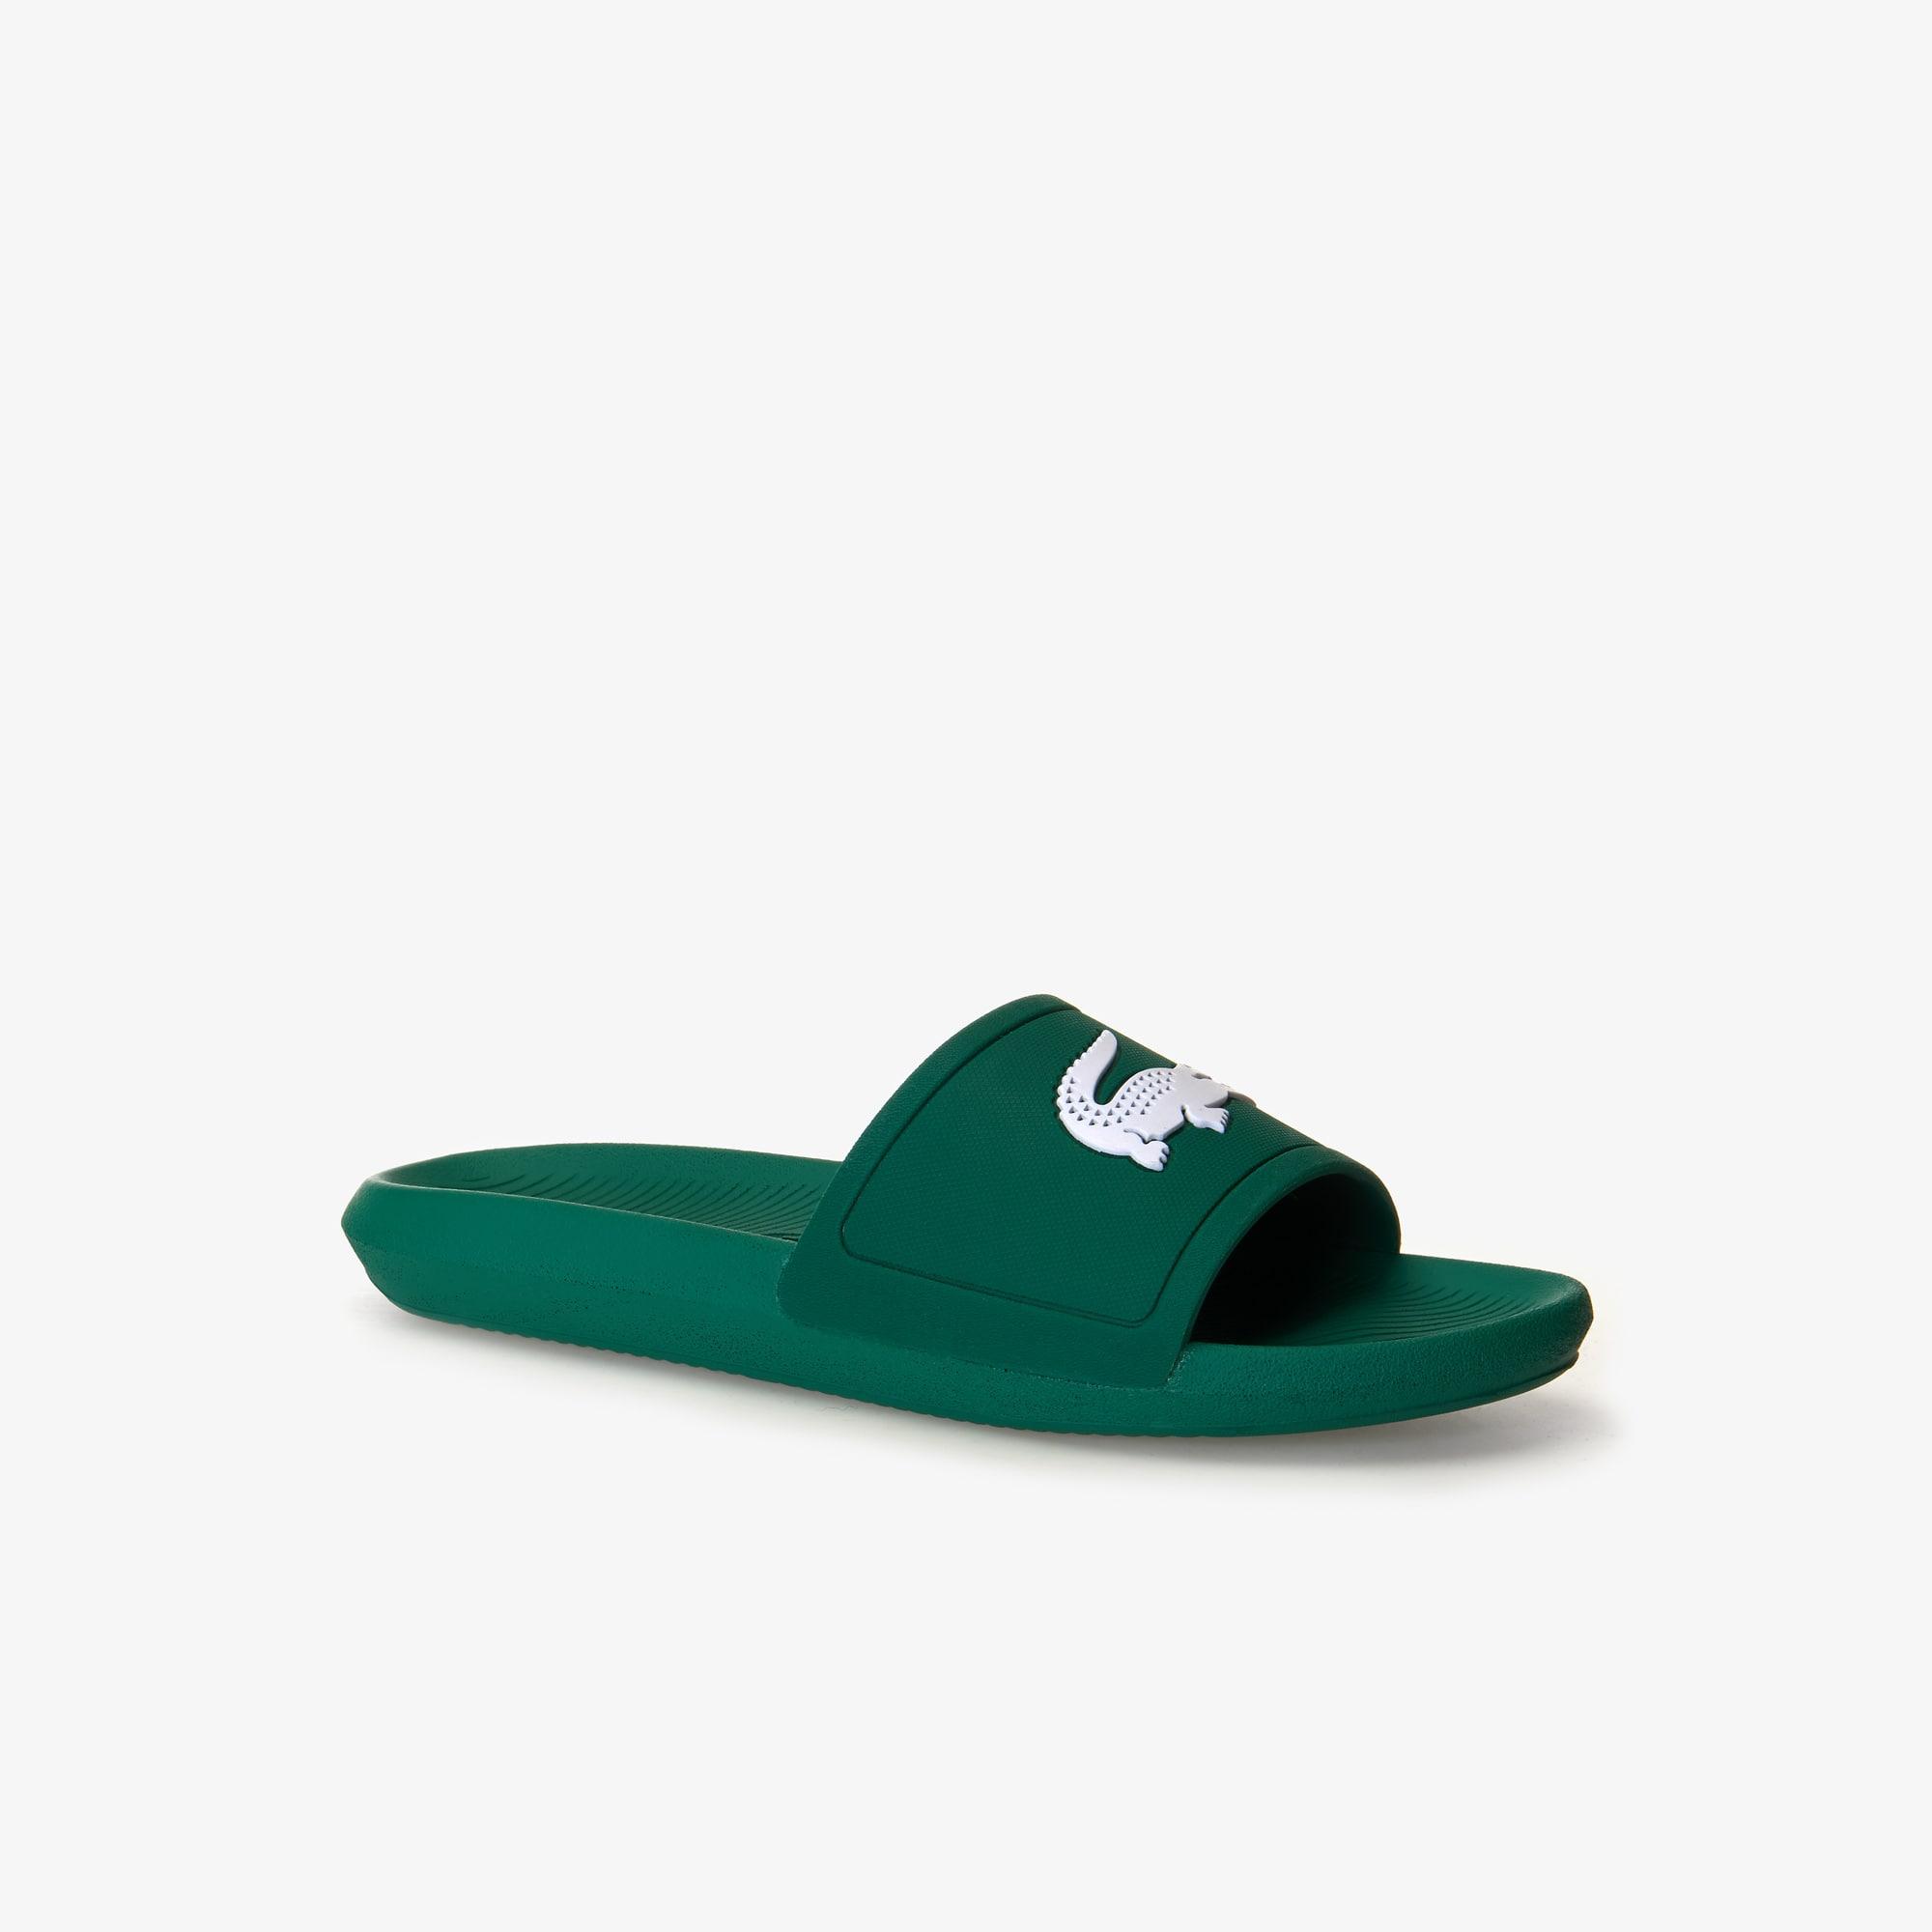 bf435c4472a436 Men s Croco Slide Rubber Slides